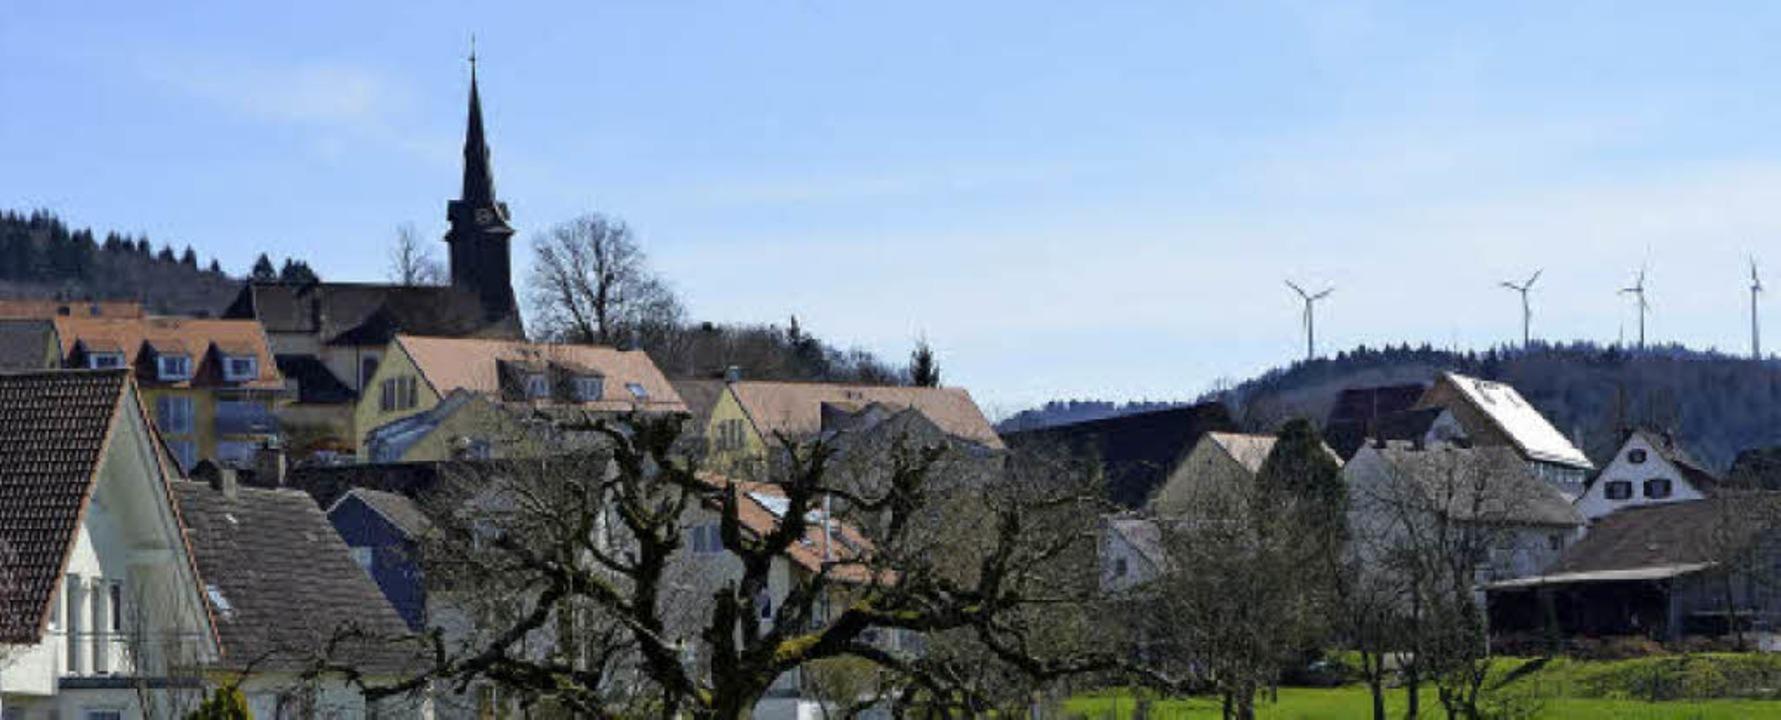 Blick über Heuweiler auf die Roßkopf-W...eser Standort zu wenig Ertrag bringt.   | Foto: Max Schuler